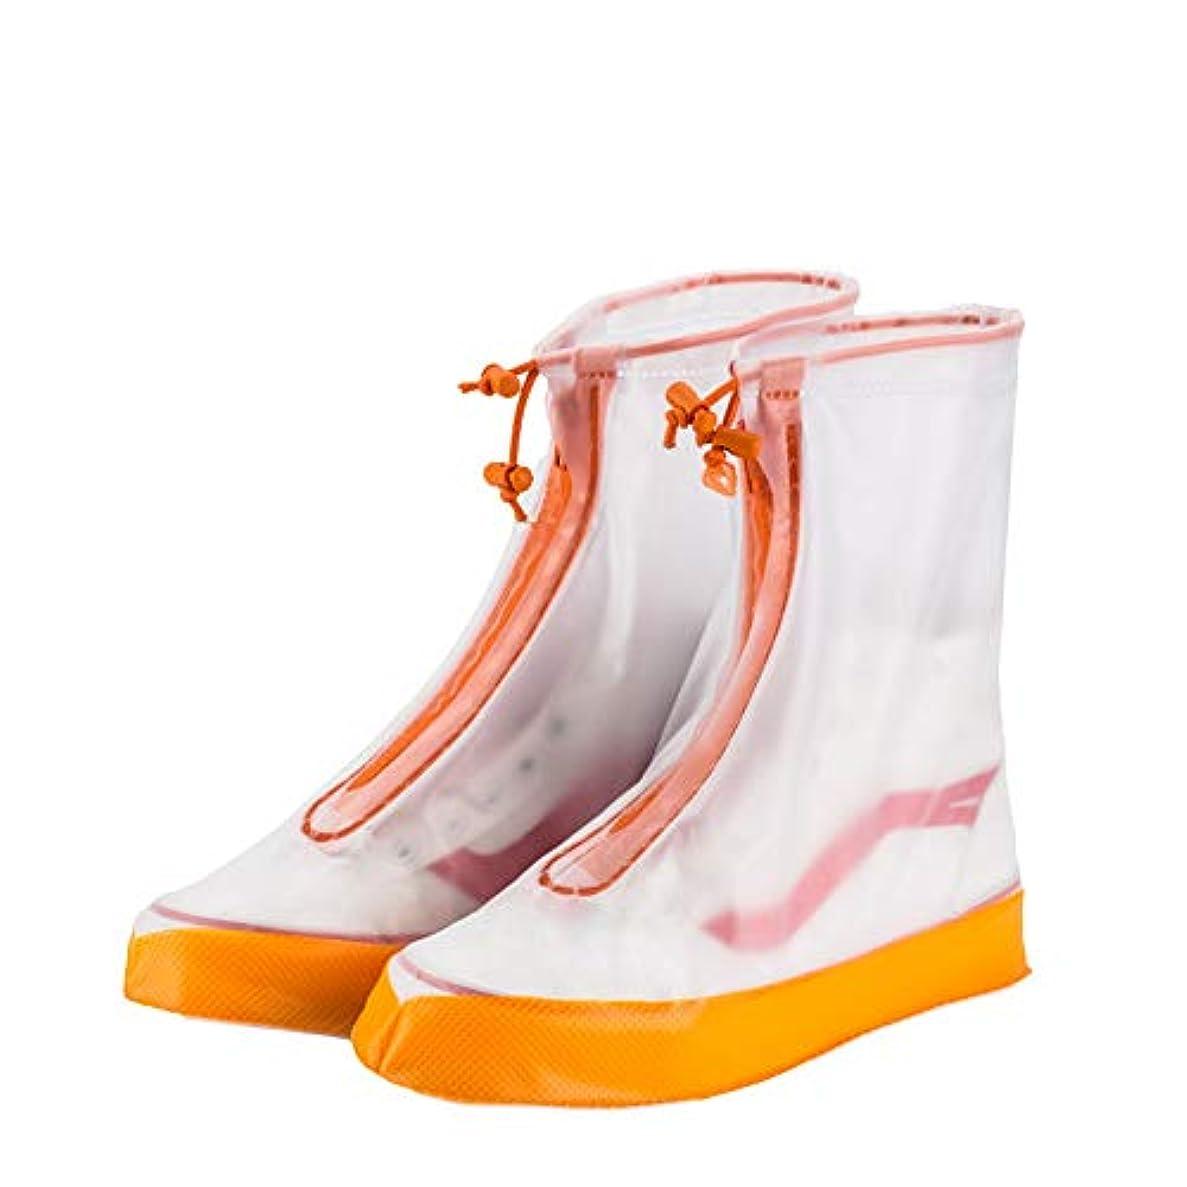 流産ぎこちないベックス防水オーバーシューズ レインシューズのカバー足のガーターバイクの靴カバー、防水レインブーツの靴カバー女性男性子供アンチスリップ再利用可能な洗えるレイン雪のブーツカバー防水オーバーシューズ (色 : Orange-children, サイズ : XXXL)